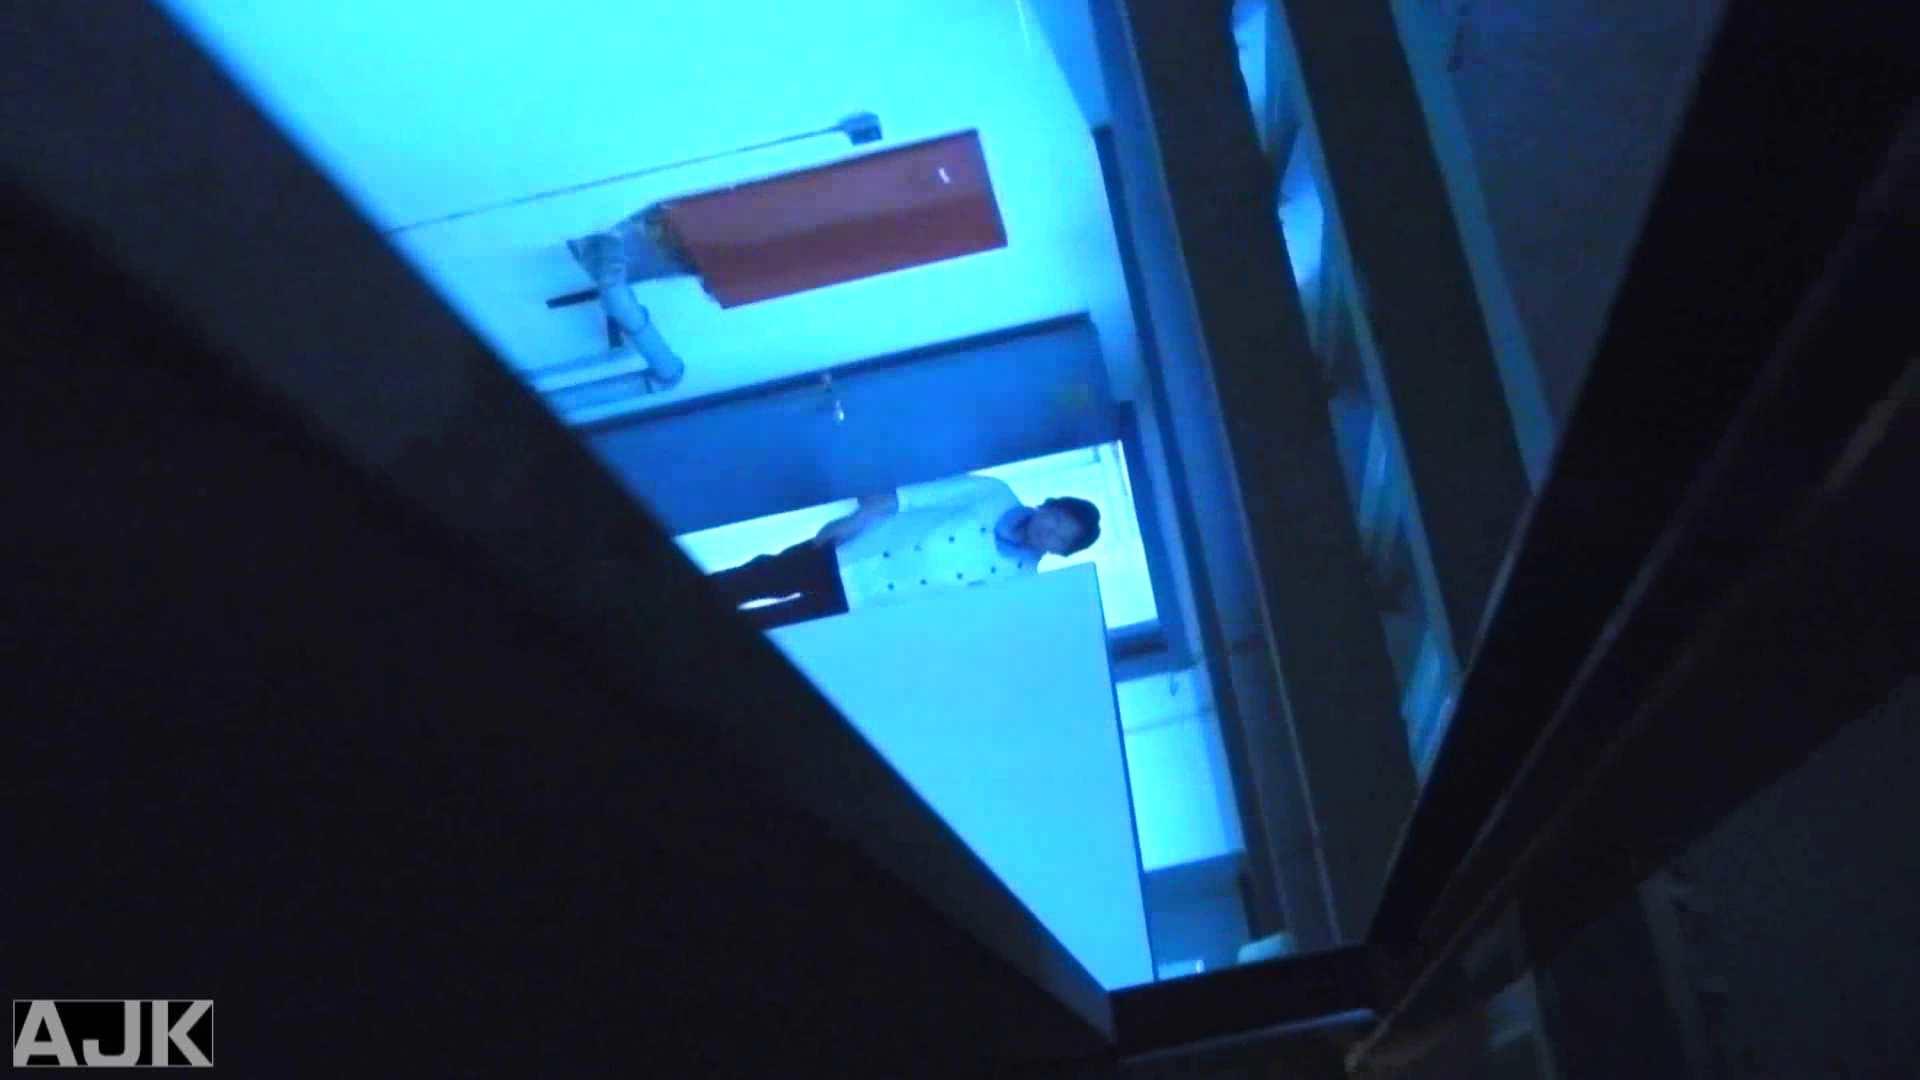 隣国上階級エリアの令嬢たちが集うデパートお手洗い Vol.24 マンコ おまんこ動画流出 82画像 81